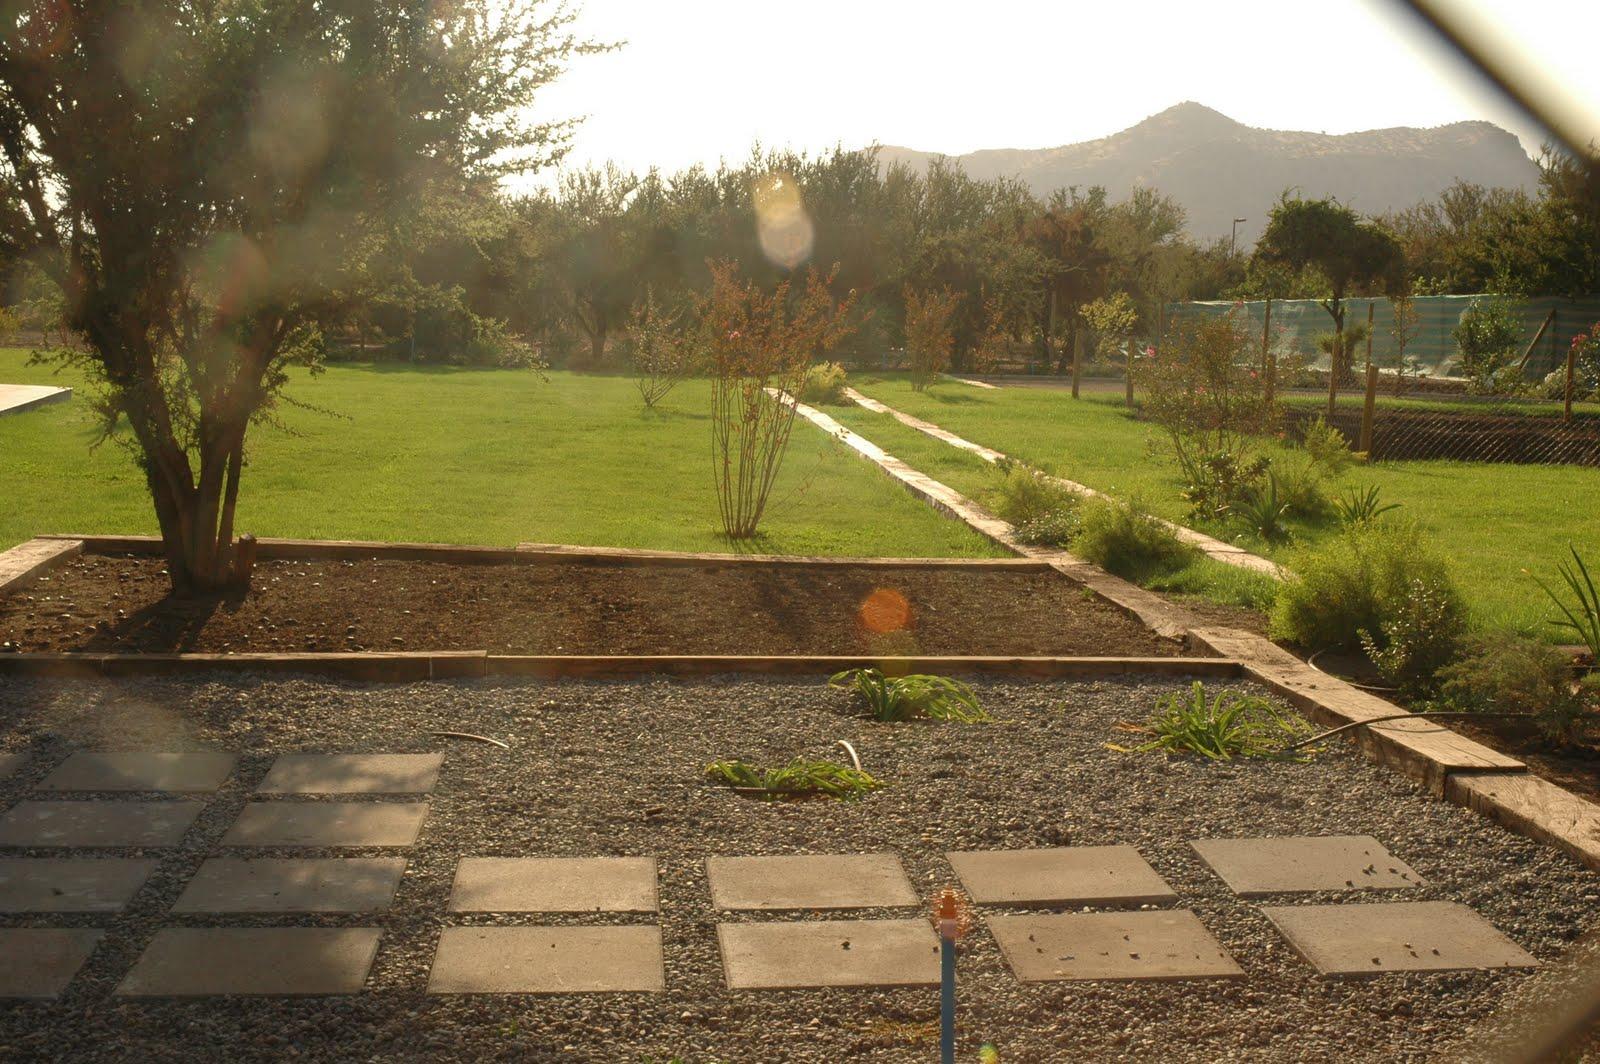 Jardin familia devandas francisco silva claudio pezzani for Construccion de piscinas en santiago